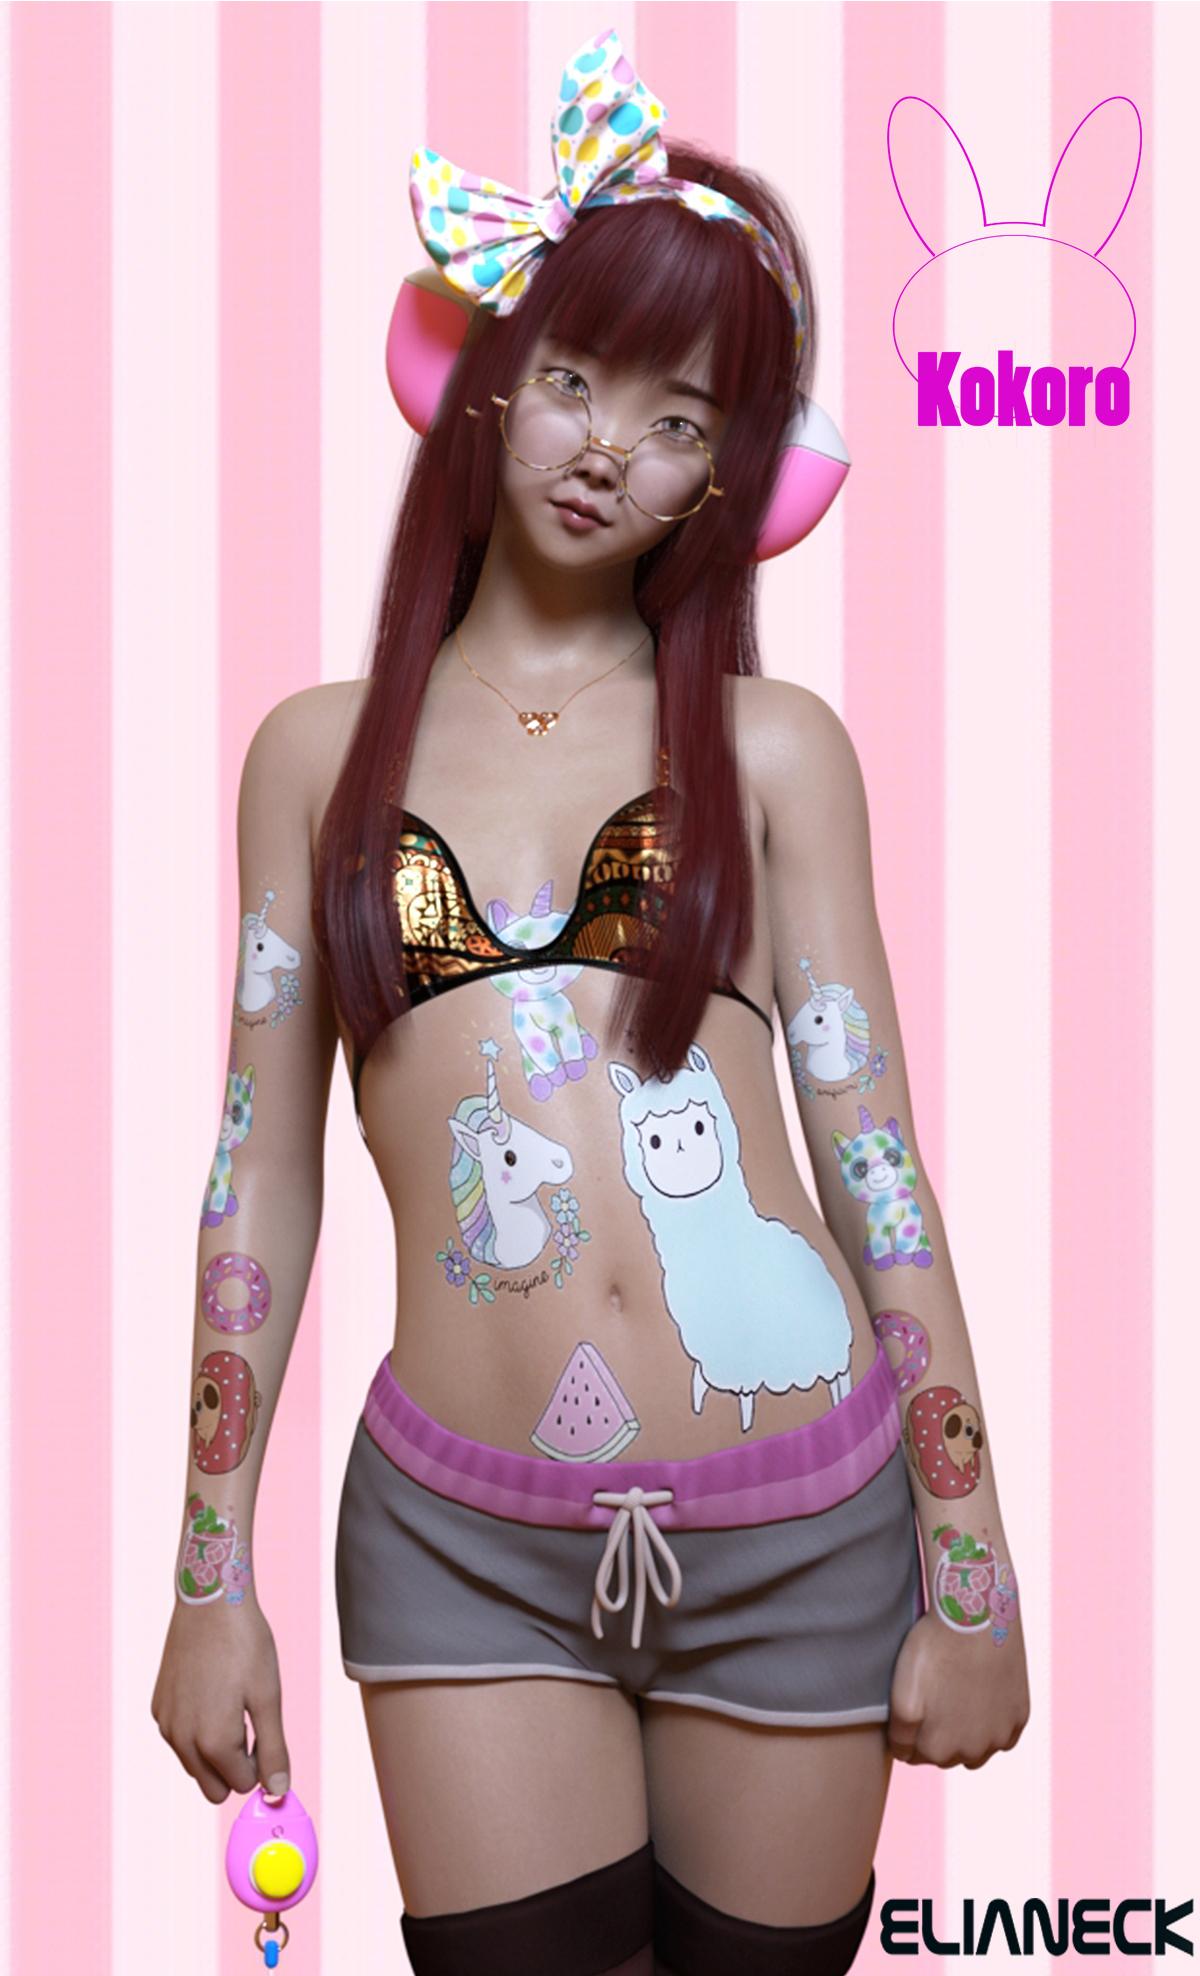 Kokoro for Genesis 8 Female by: Elianeck, 3D Models by Daz 3D